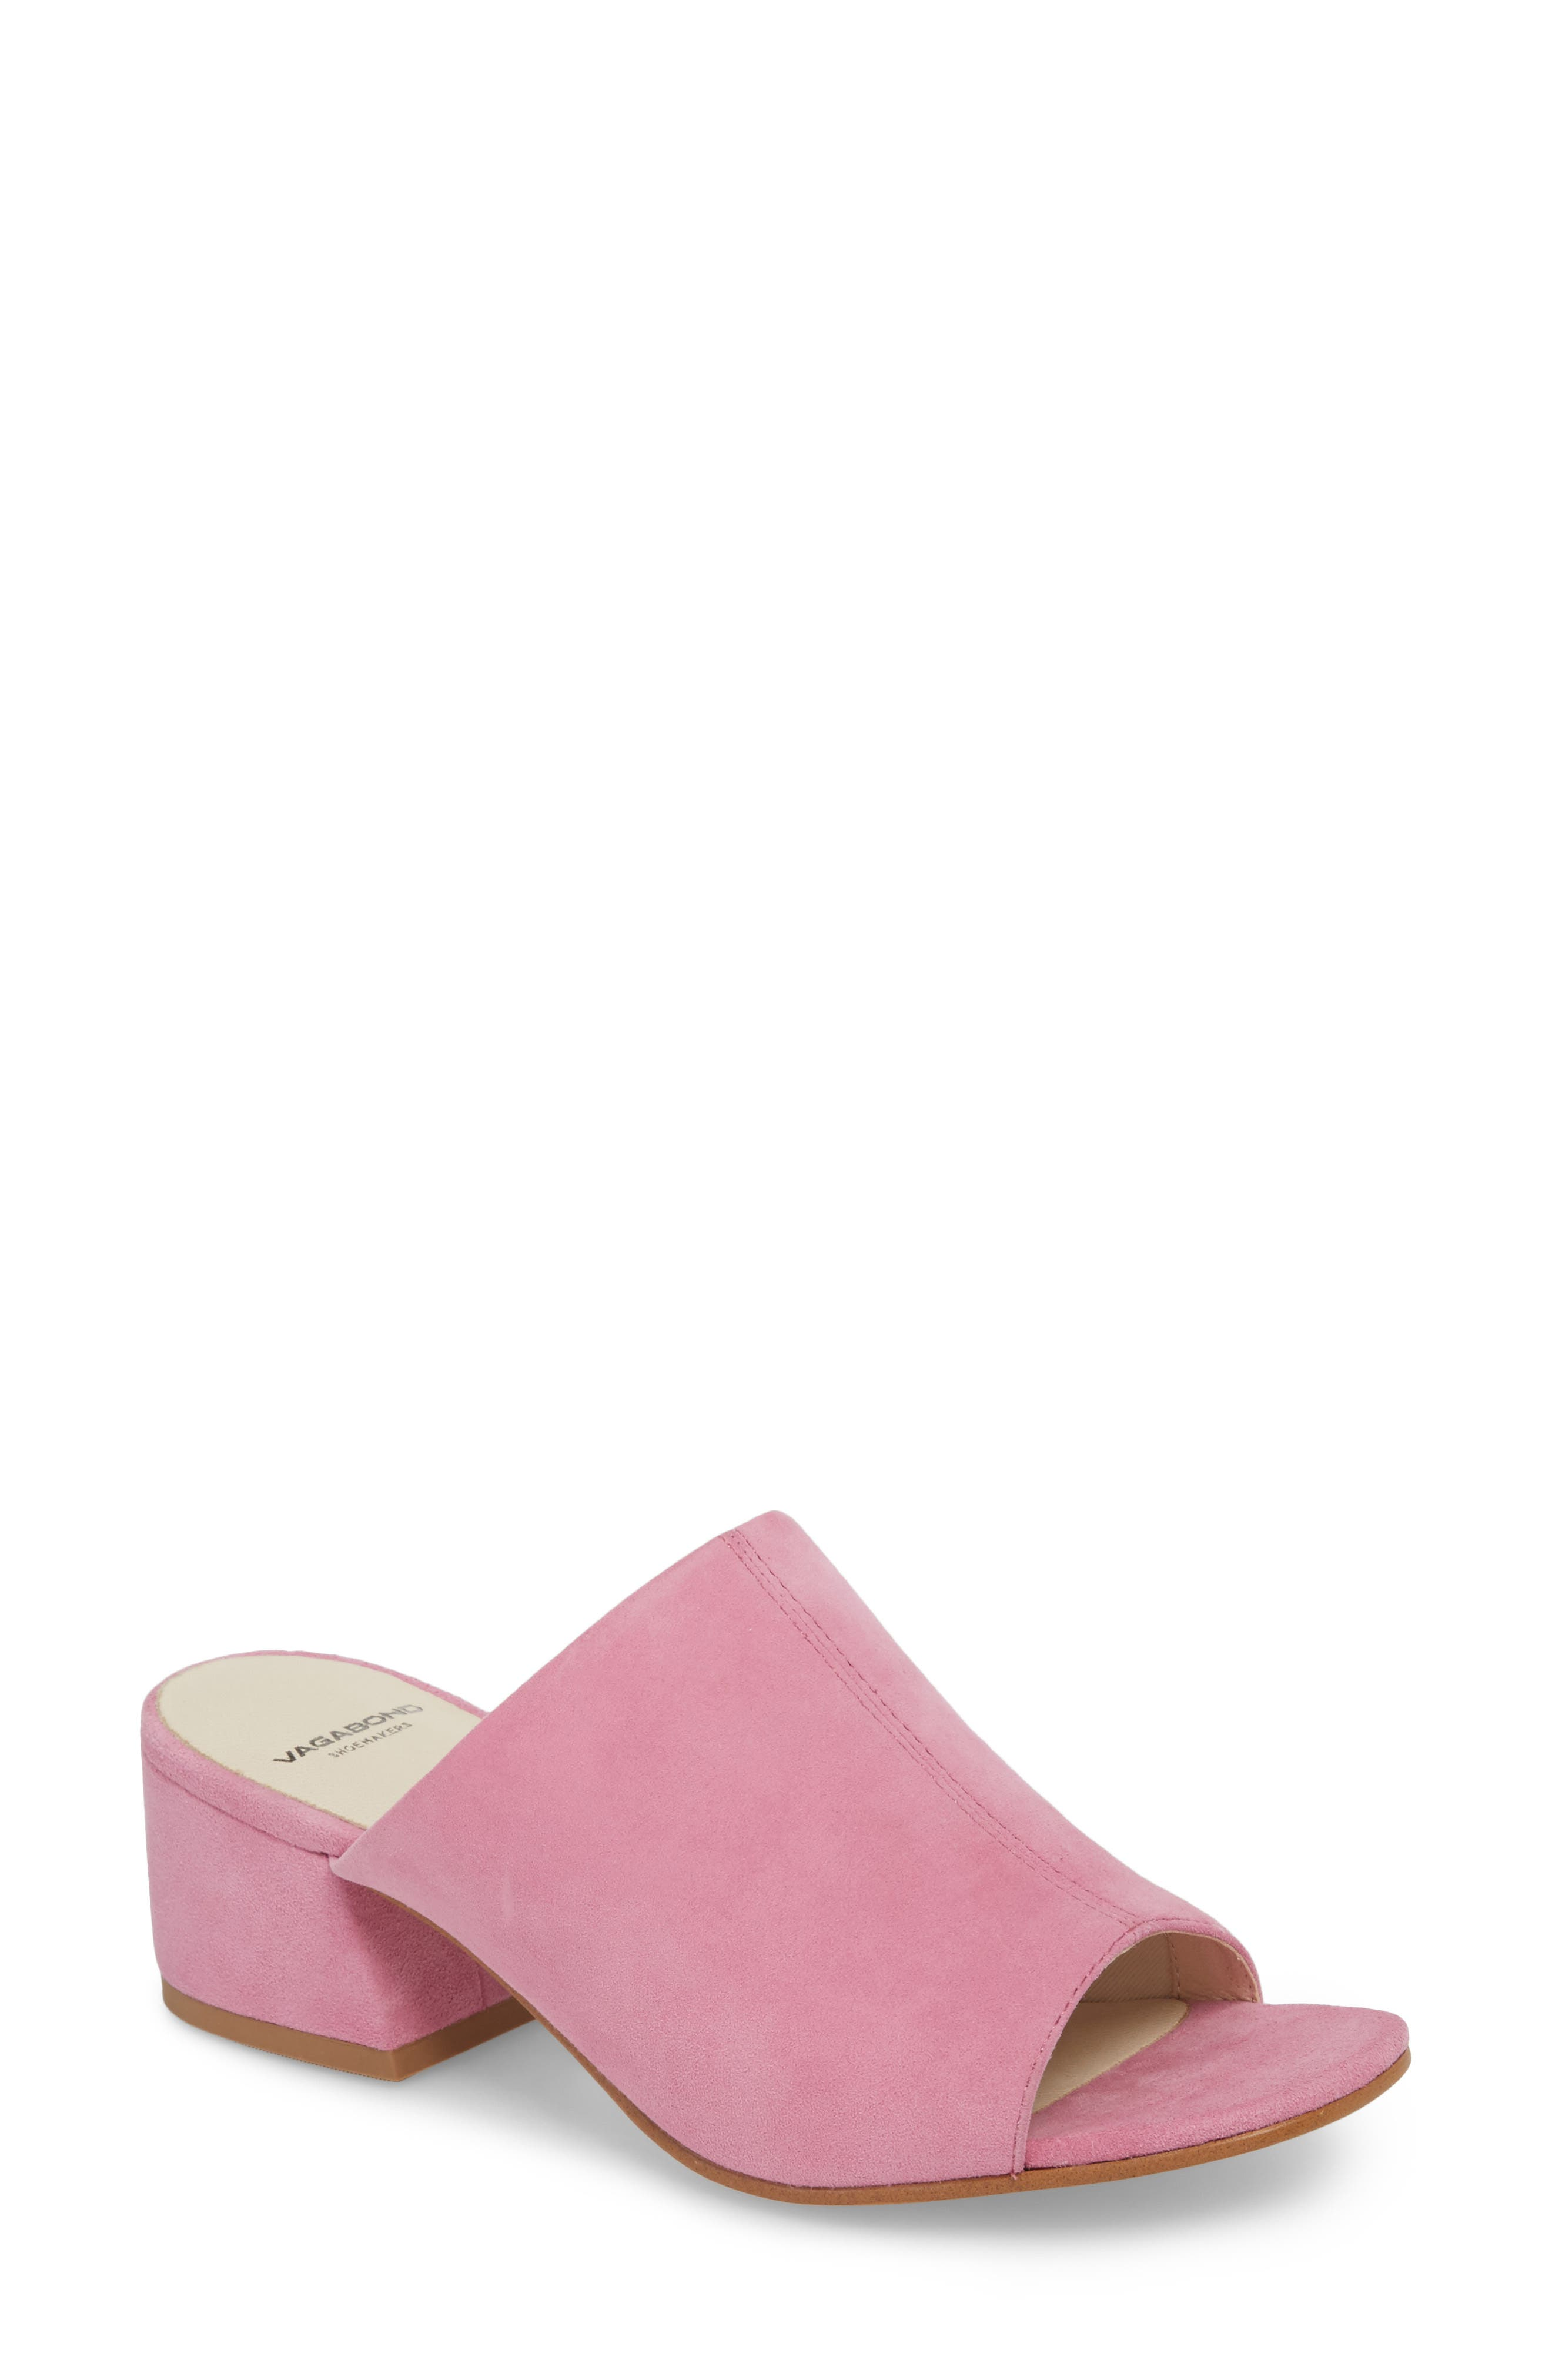 Saide Slide Sandal,                         Main,                         color, Pink Suede